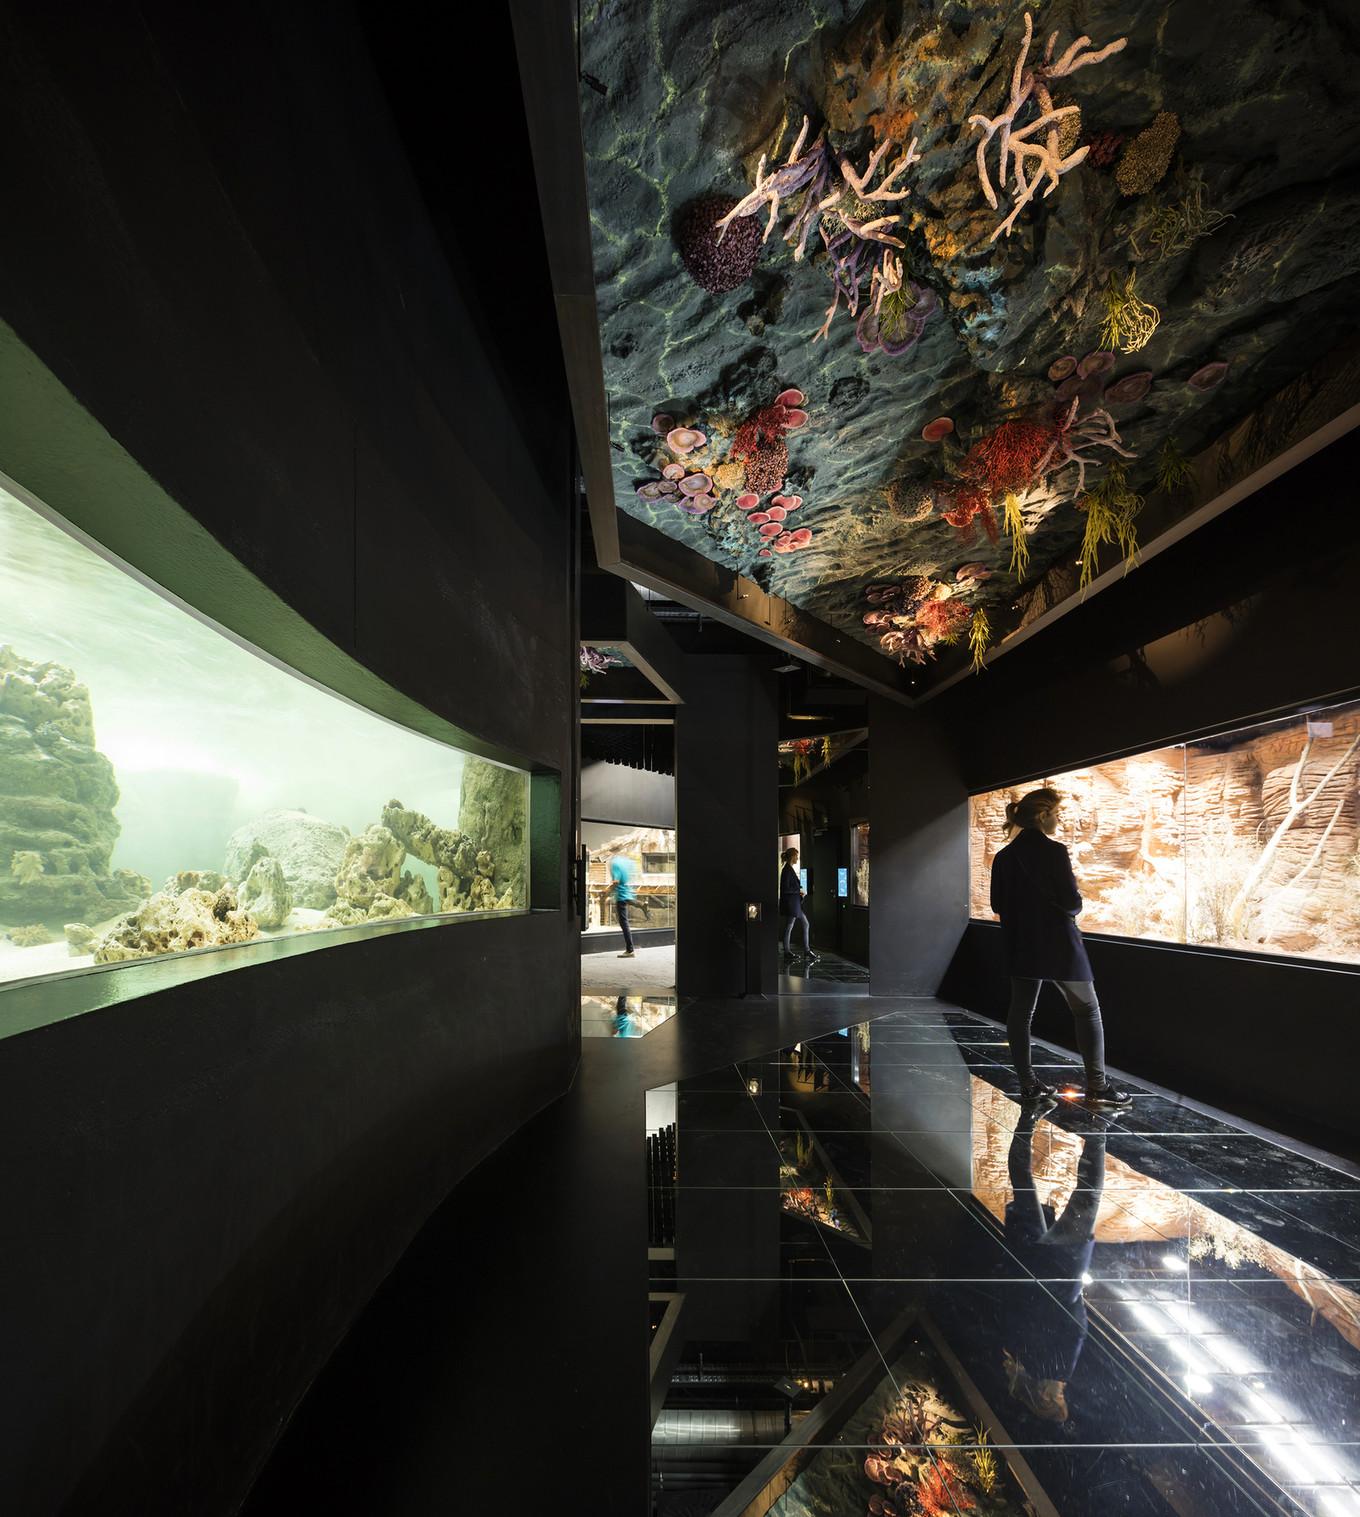 Прогулка по океанариуму Aquatis в Швейцарии